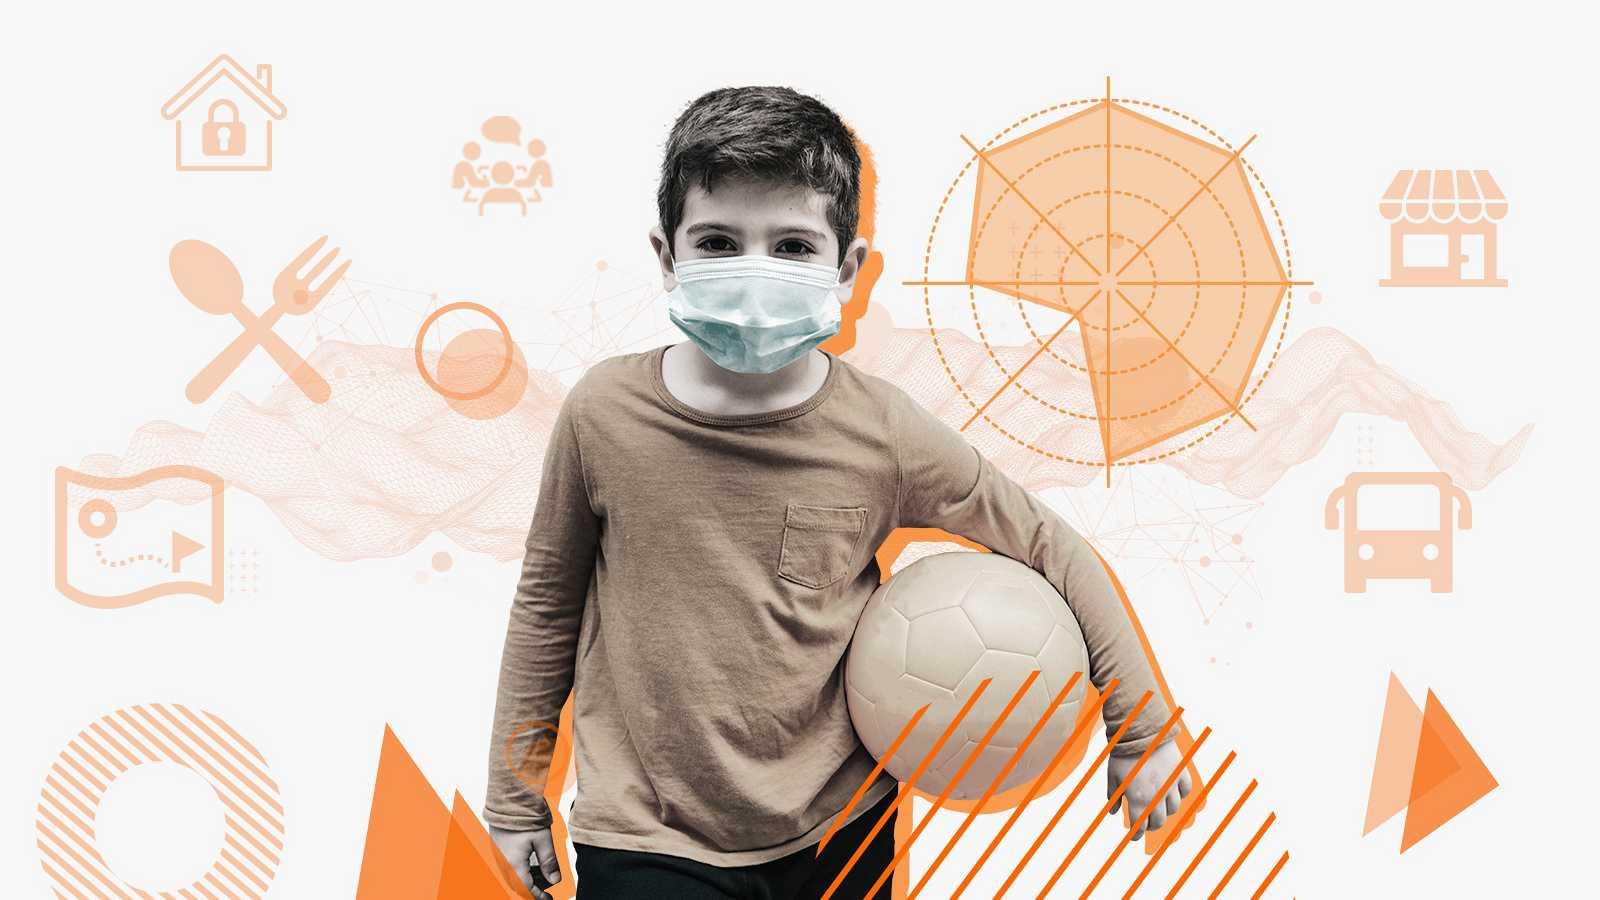 Última hora de las restricciones frente al coronavirus en España por comunidad autónoma, provincia y municipio